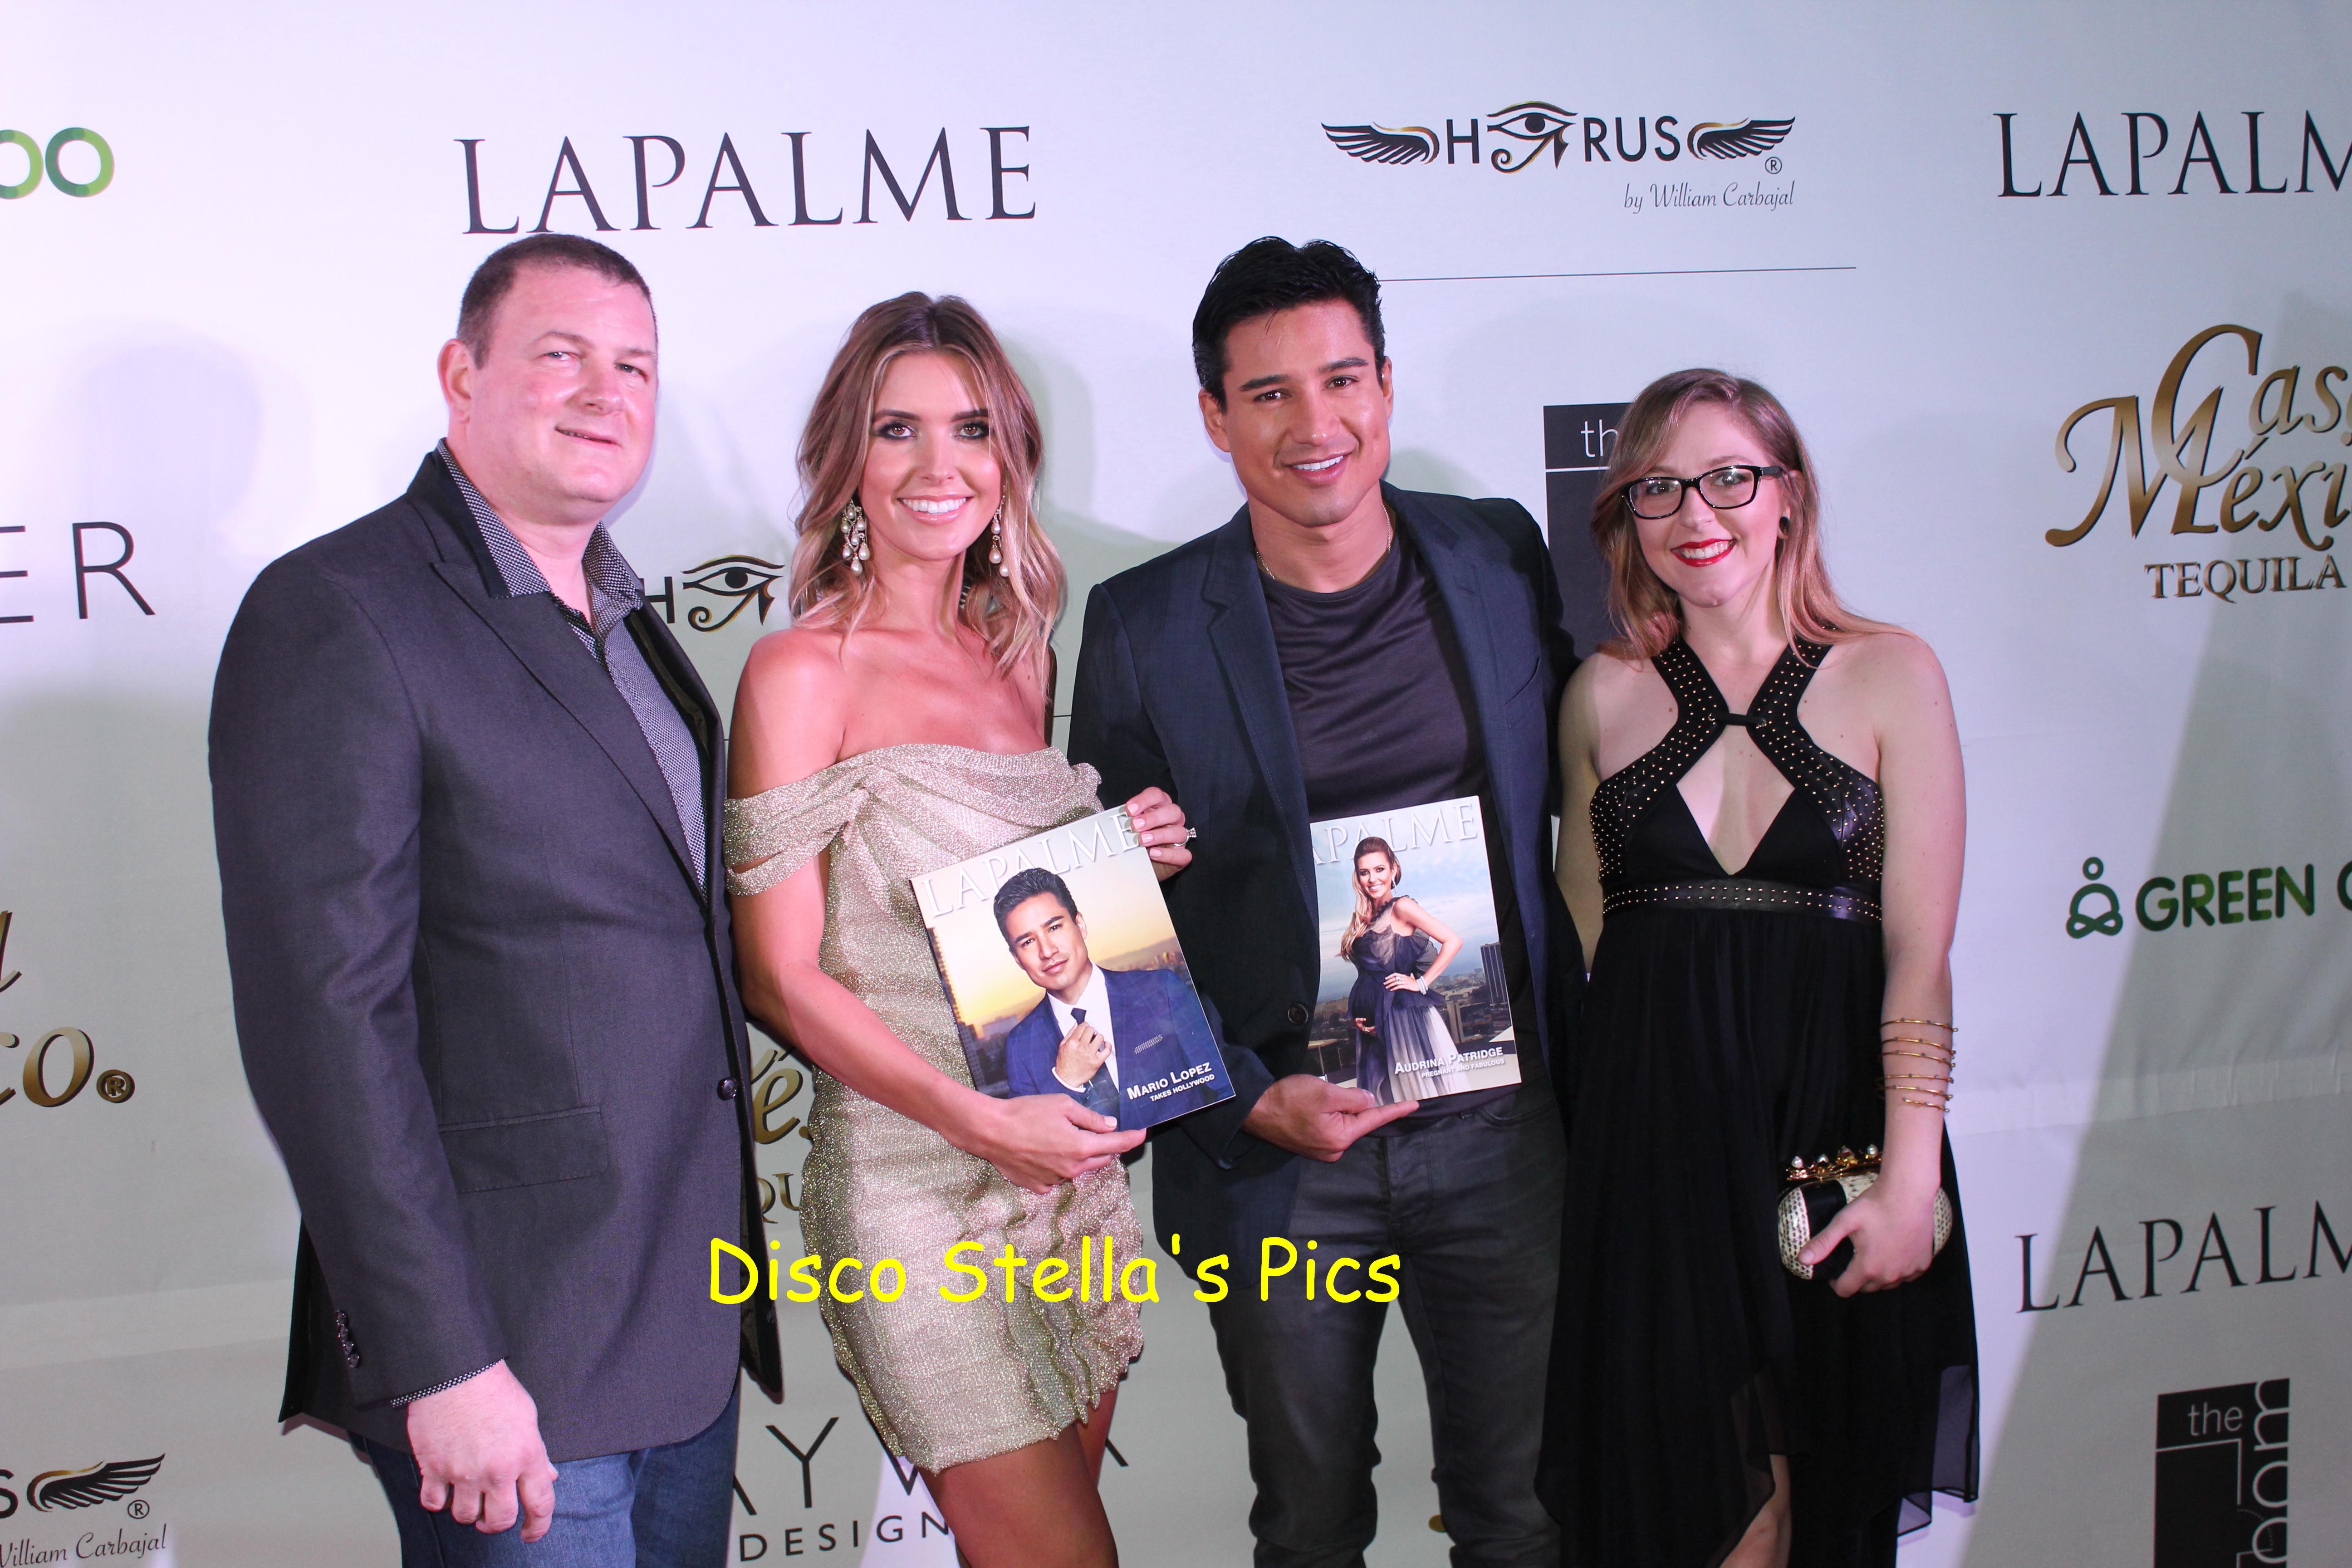 Mario Lopez - Disco Stella's Pics